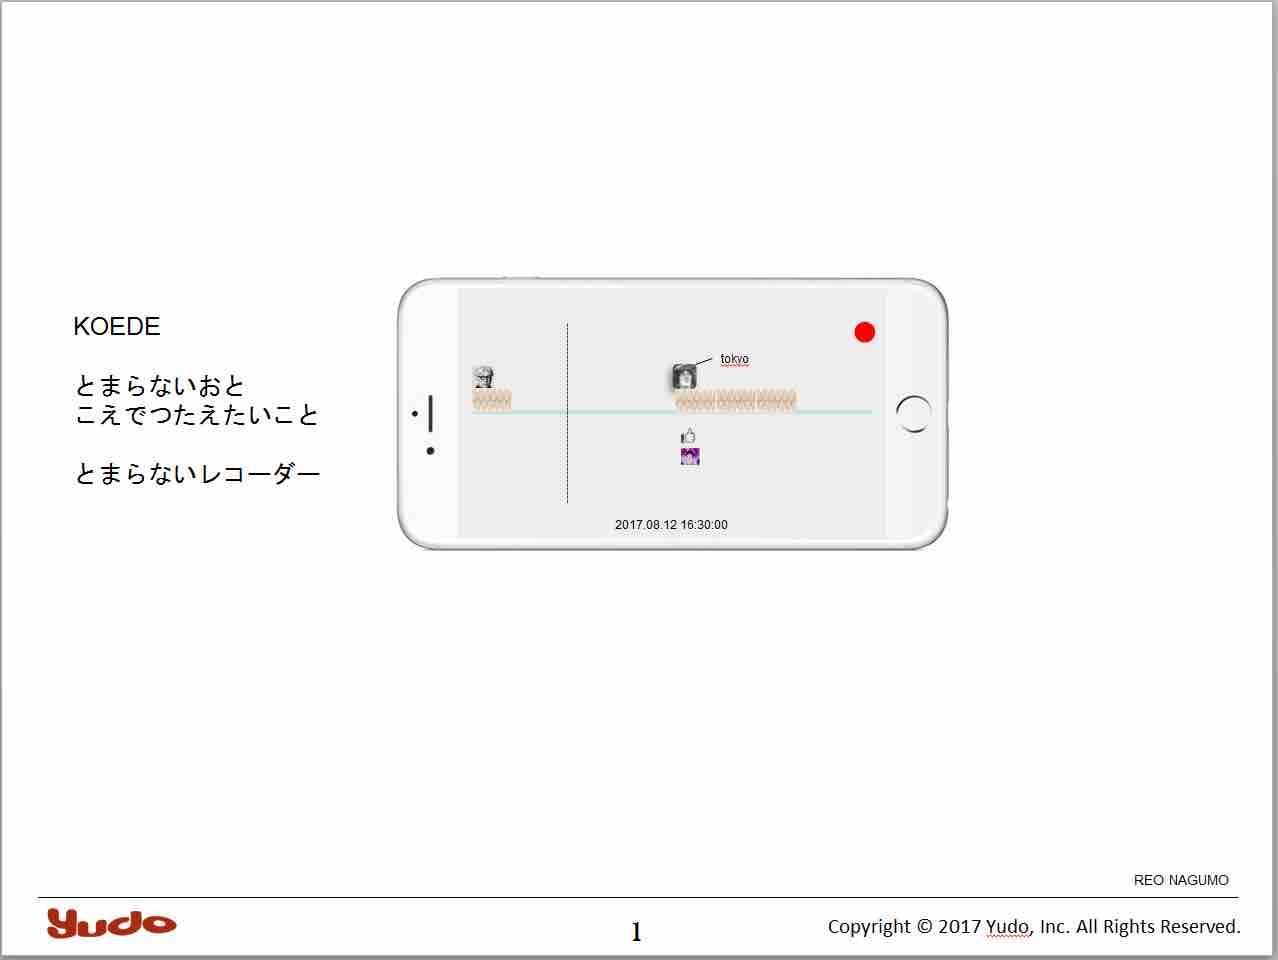 スクリーンショット 2017-07-04 20.45.48